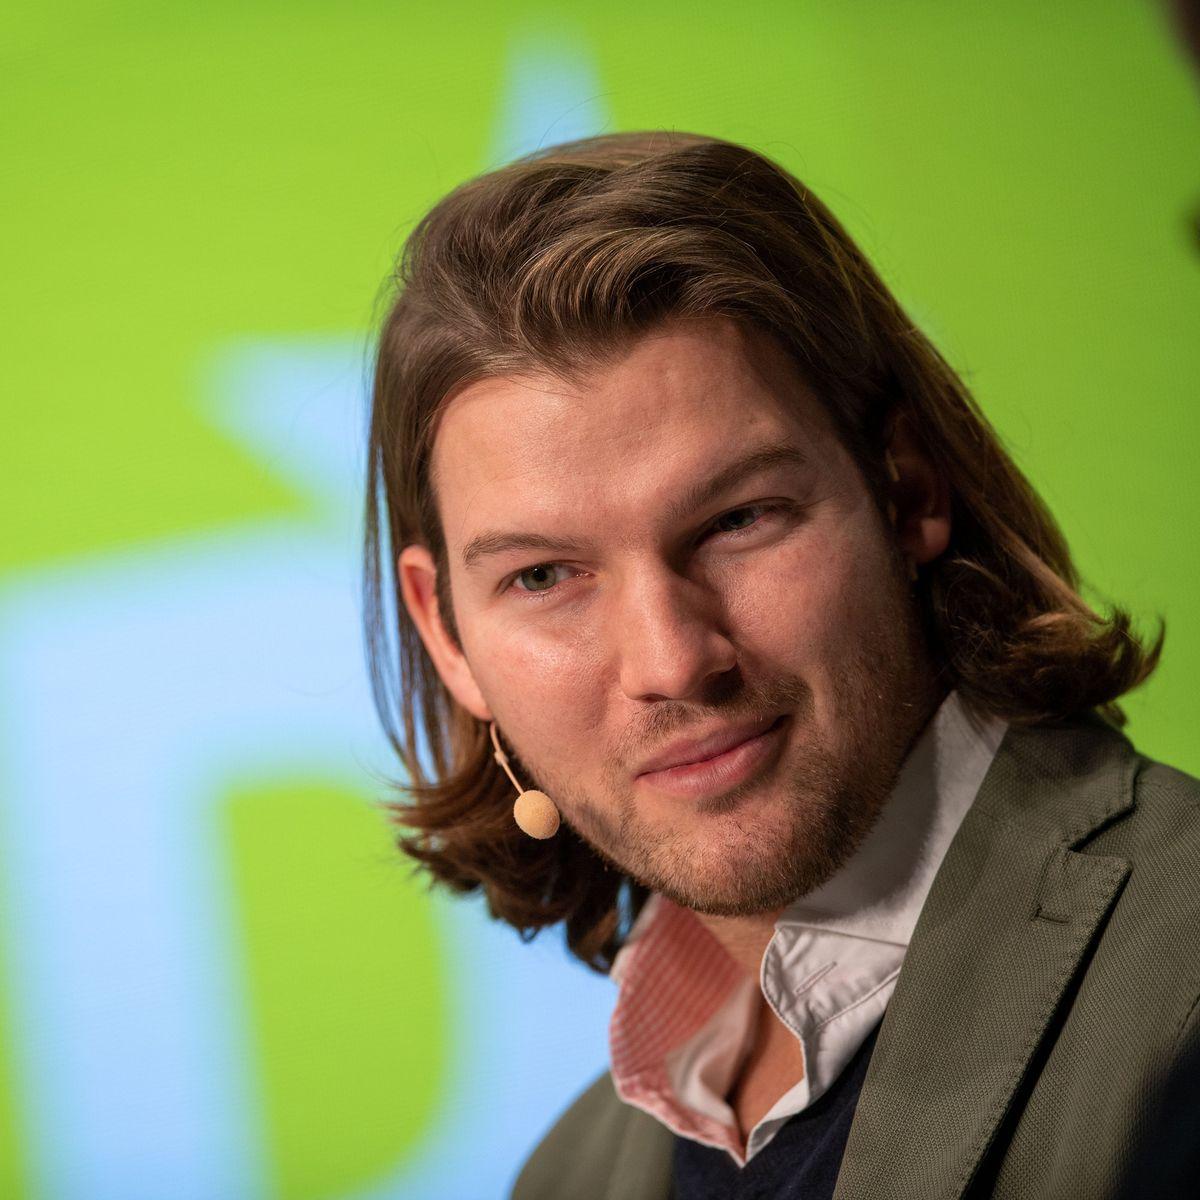 Broker für binäre optionen Österreich 10 minuten einzahlung